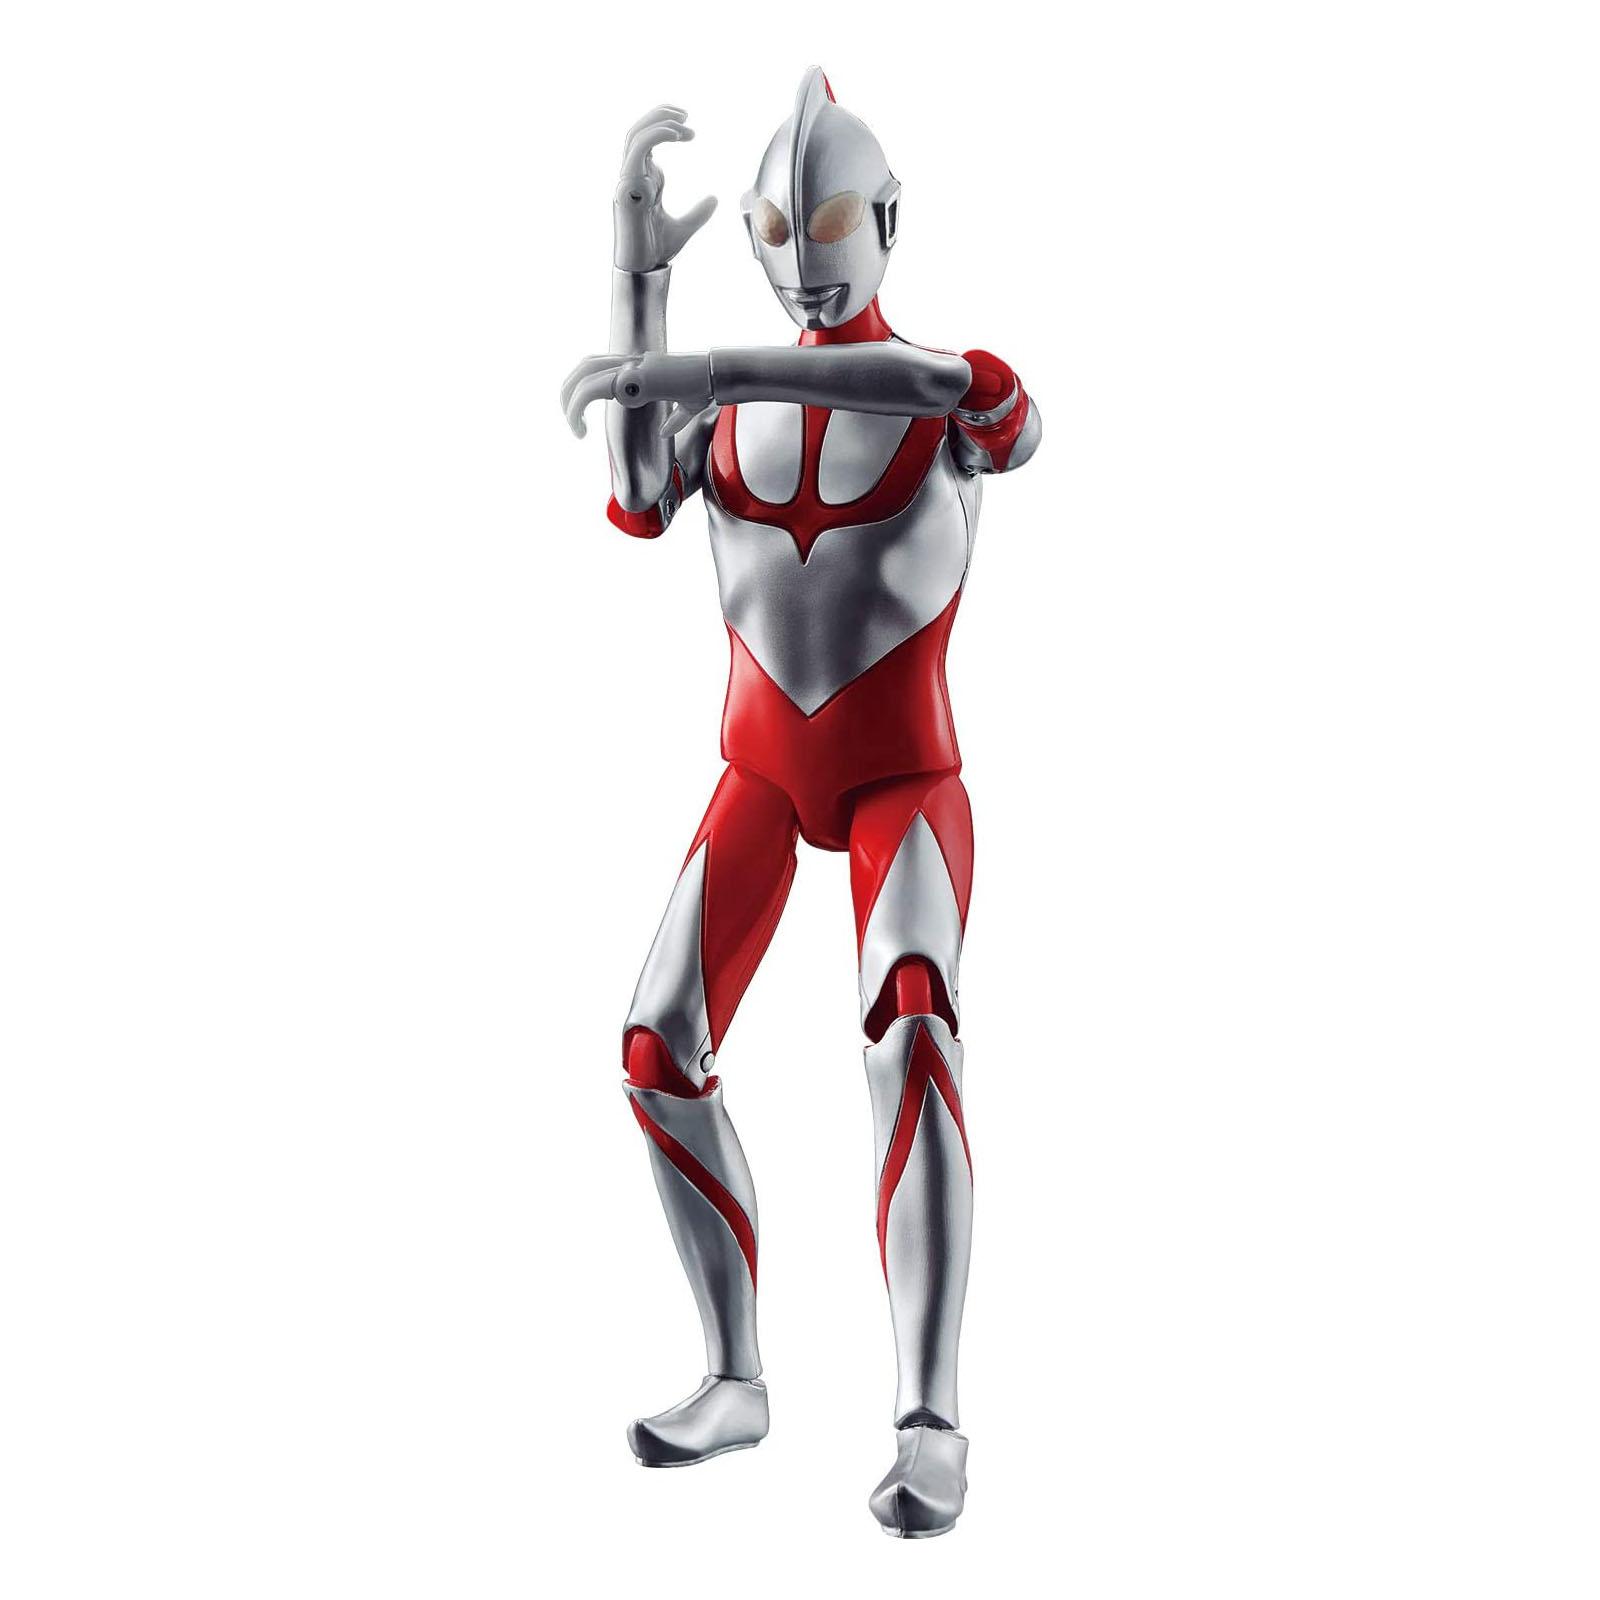 ウルトラアクションフィギュア『ウルトラマン』シン・ウルトラマン 可動フィギュア-001